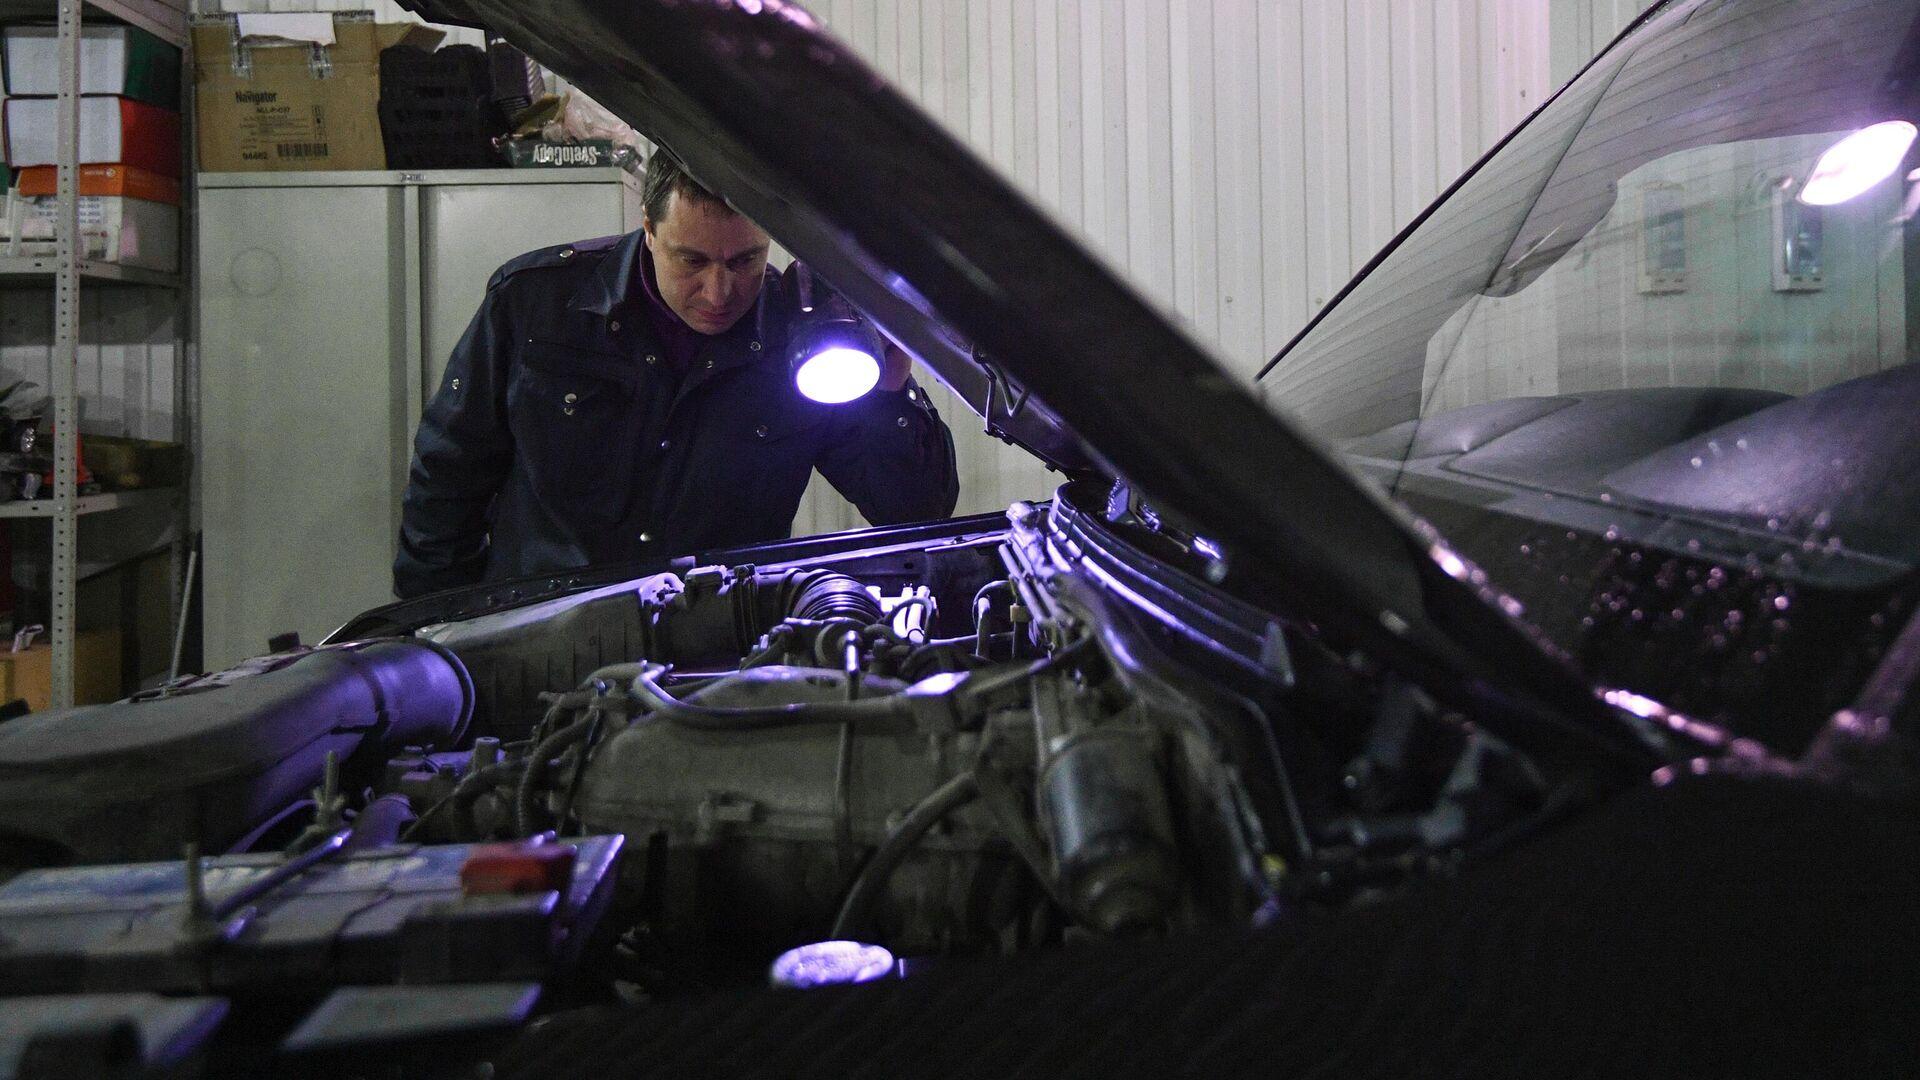 Технический эксперт проводит осмотр автомобиля на пункте техосмотра в Новосибирске - РИА Новости, 1920, 25.02.2021